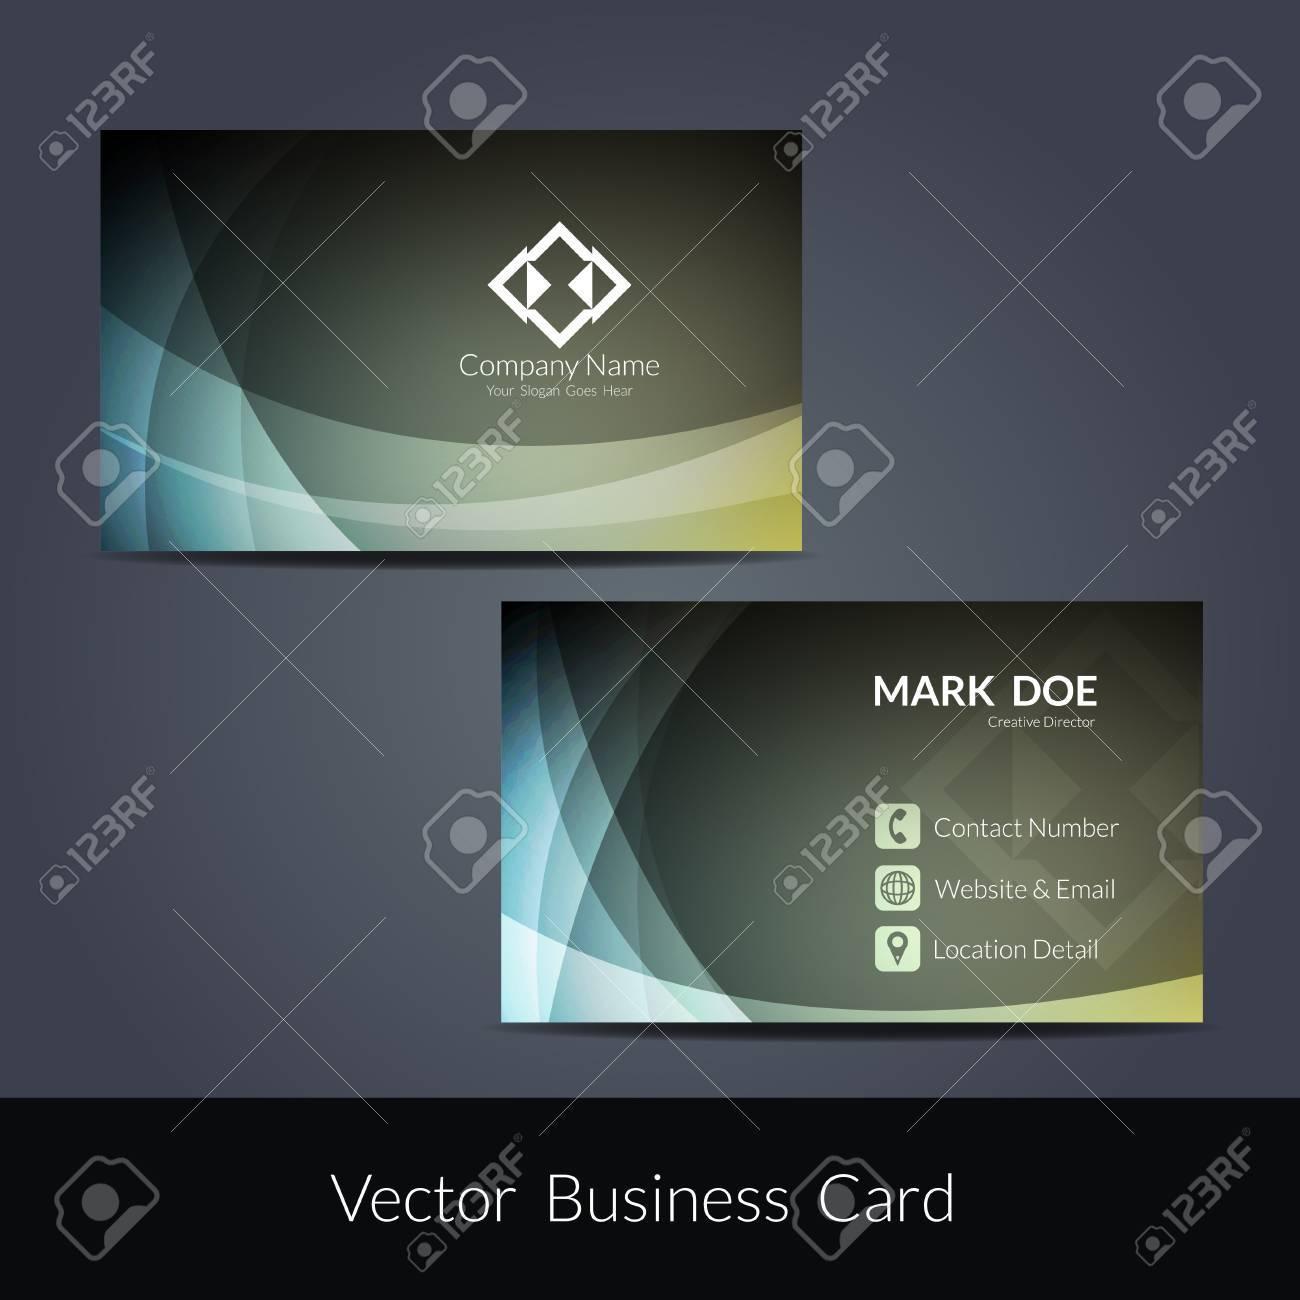 Presentation of visiting card design - 51326811